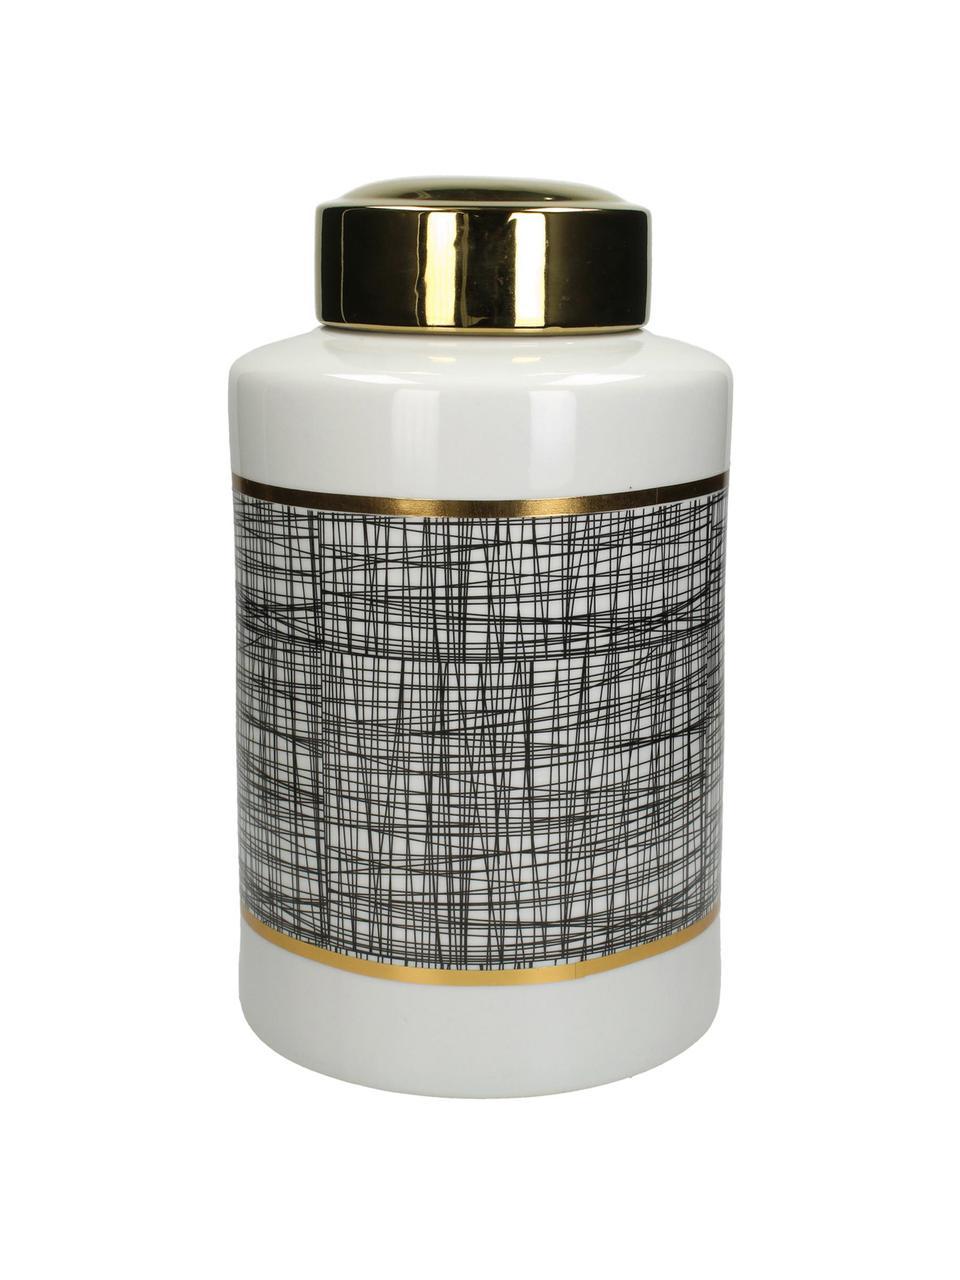 Aufbewahrungsdose Lines, Porzellan, Schwarz, Weiß, Goldfarben, Ø 20 x H 40 cm